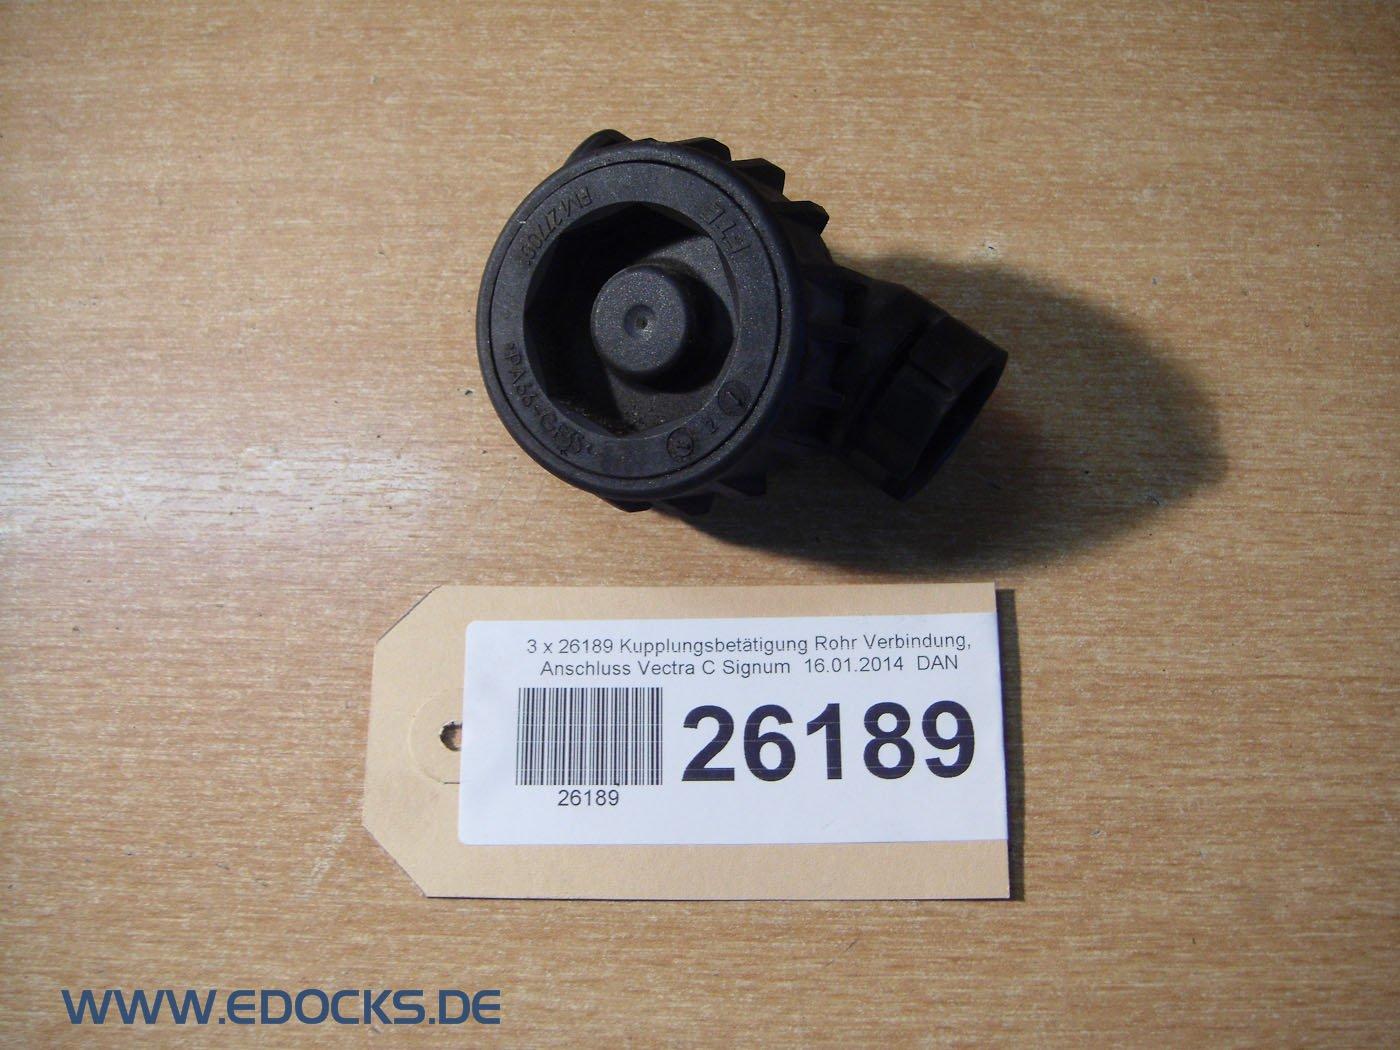 Acoplamiento pulsador Tubo Conexión Conector Vectra C Signum Opel: Amazon.es: Coche y moto